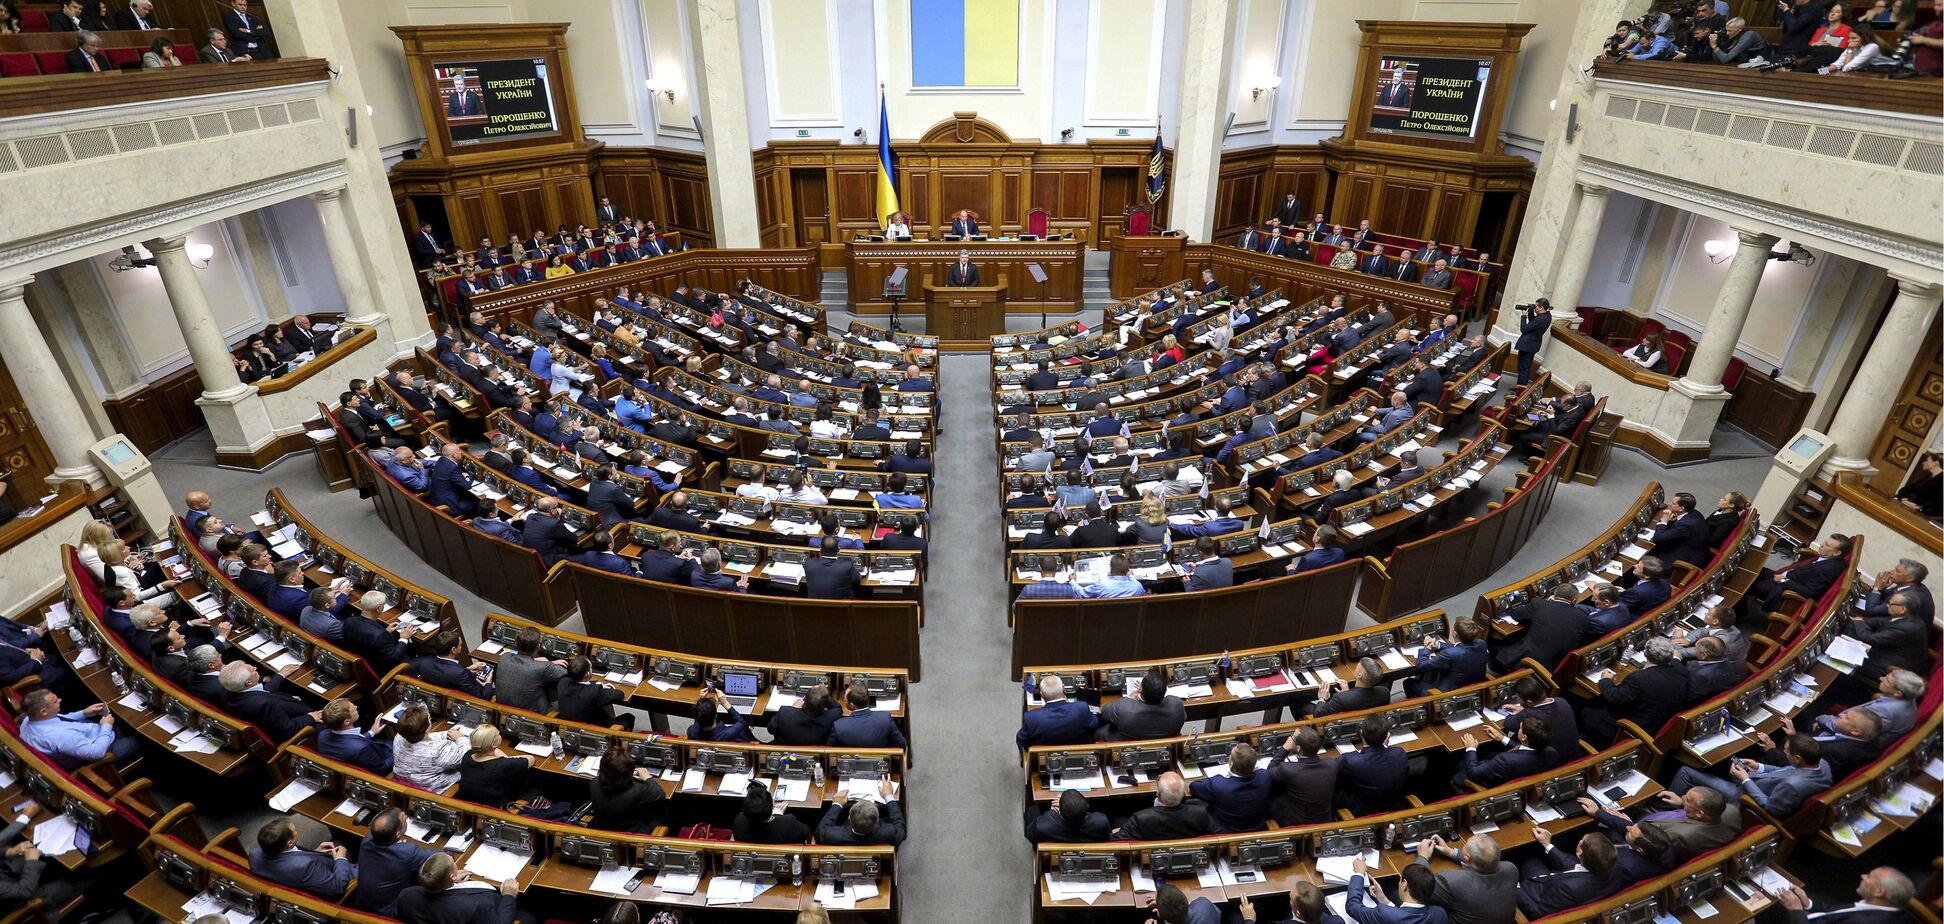 Реформа ЖКГ в Україні: опубліковано повний текст ухваленого законопроекту